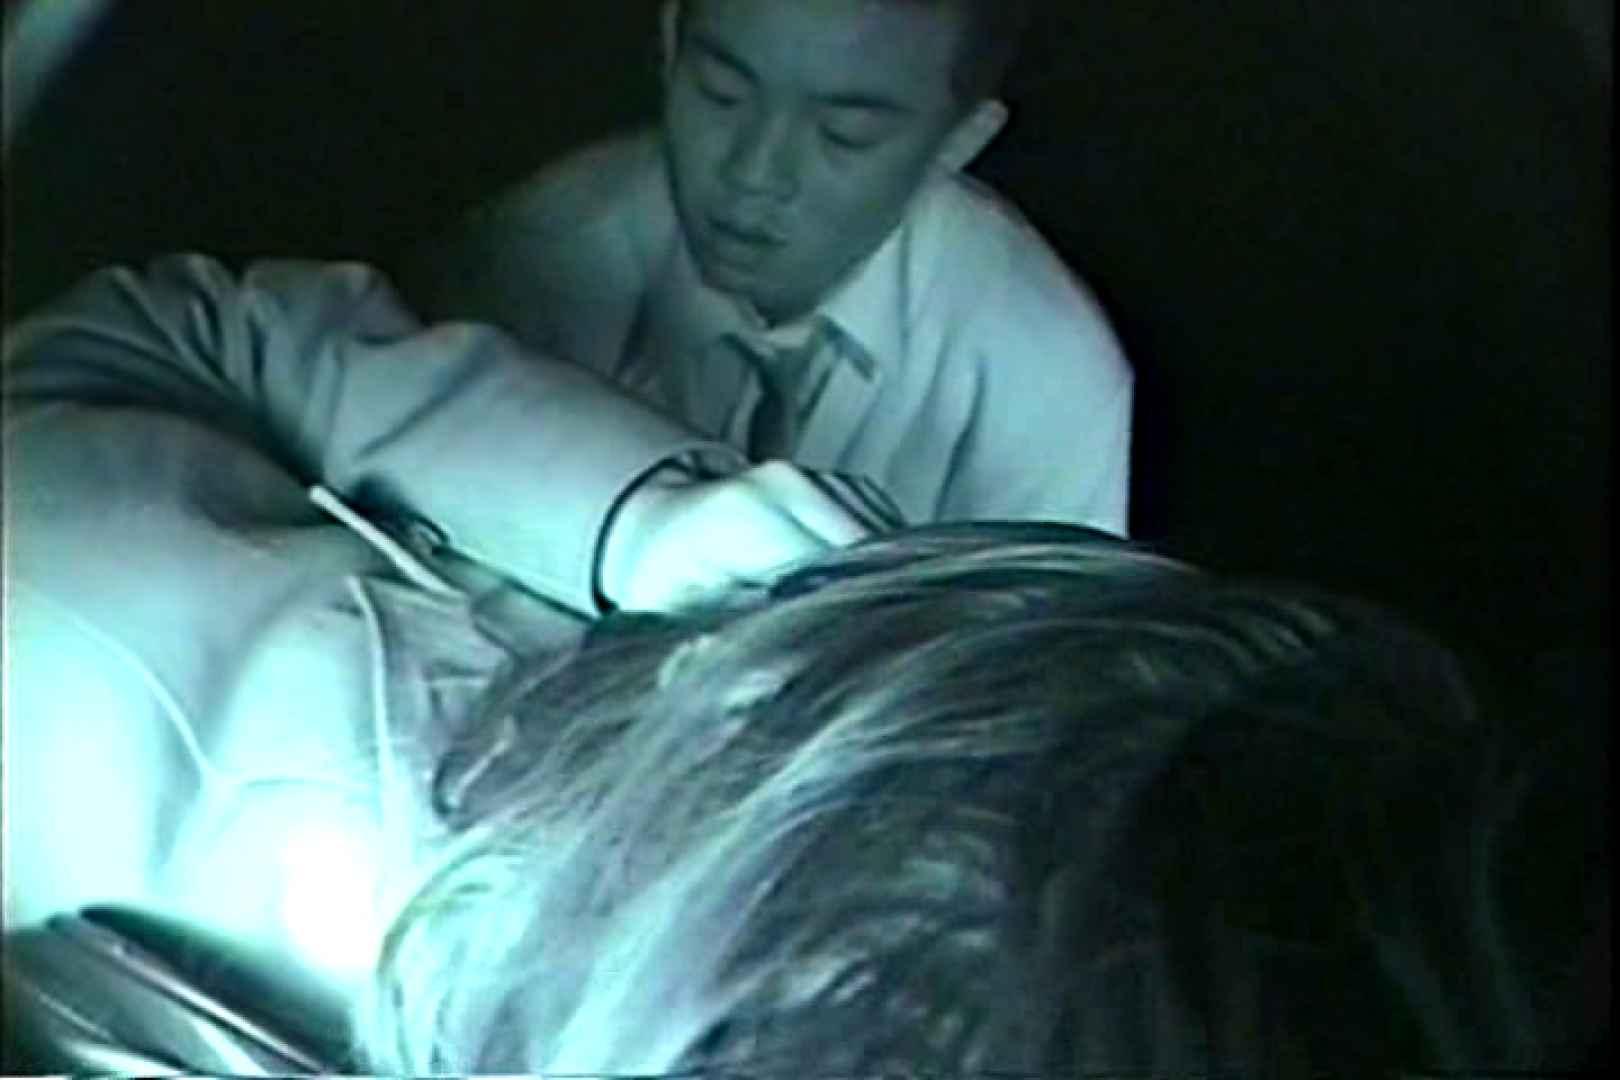 闇の仕掛け人 無修正版 Vol.17 セックス オマンコ動画キャプチャ 102pic 43